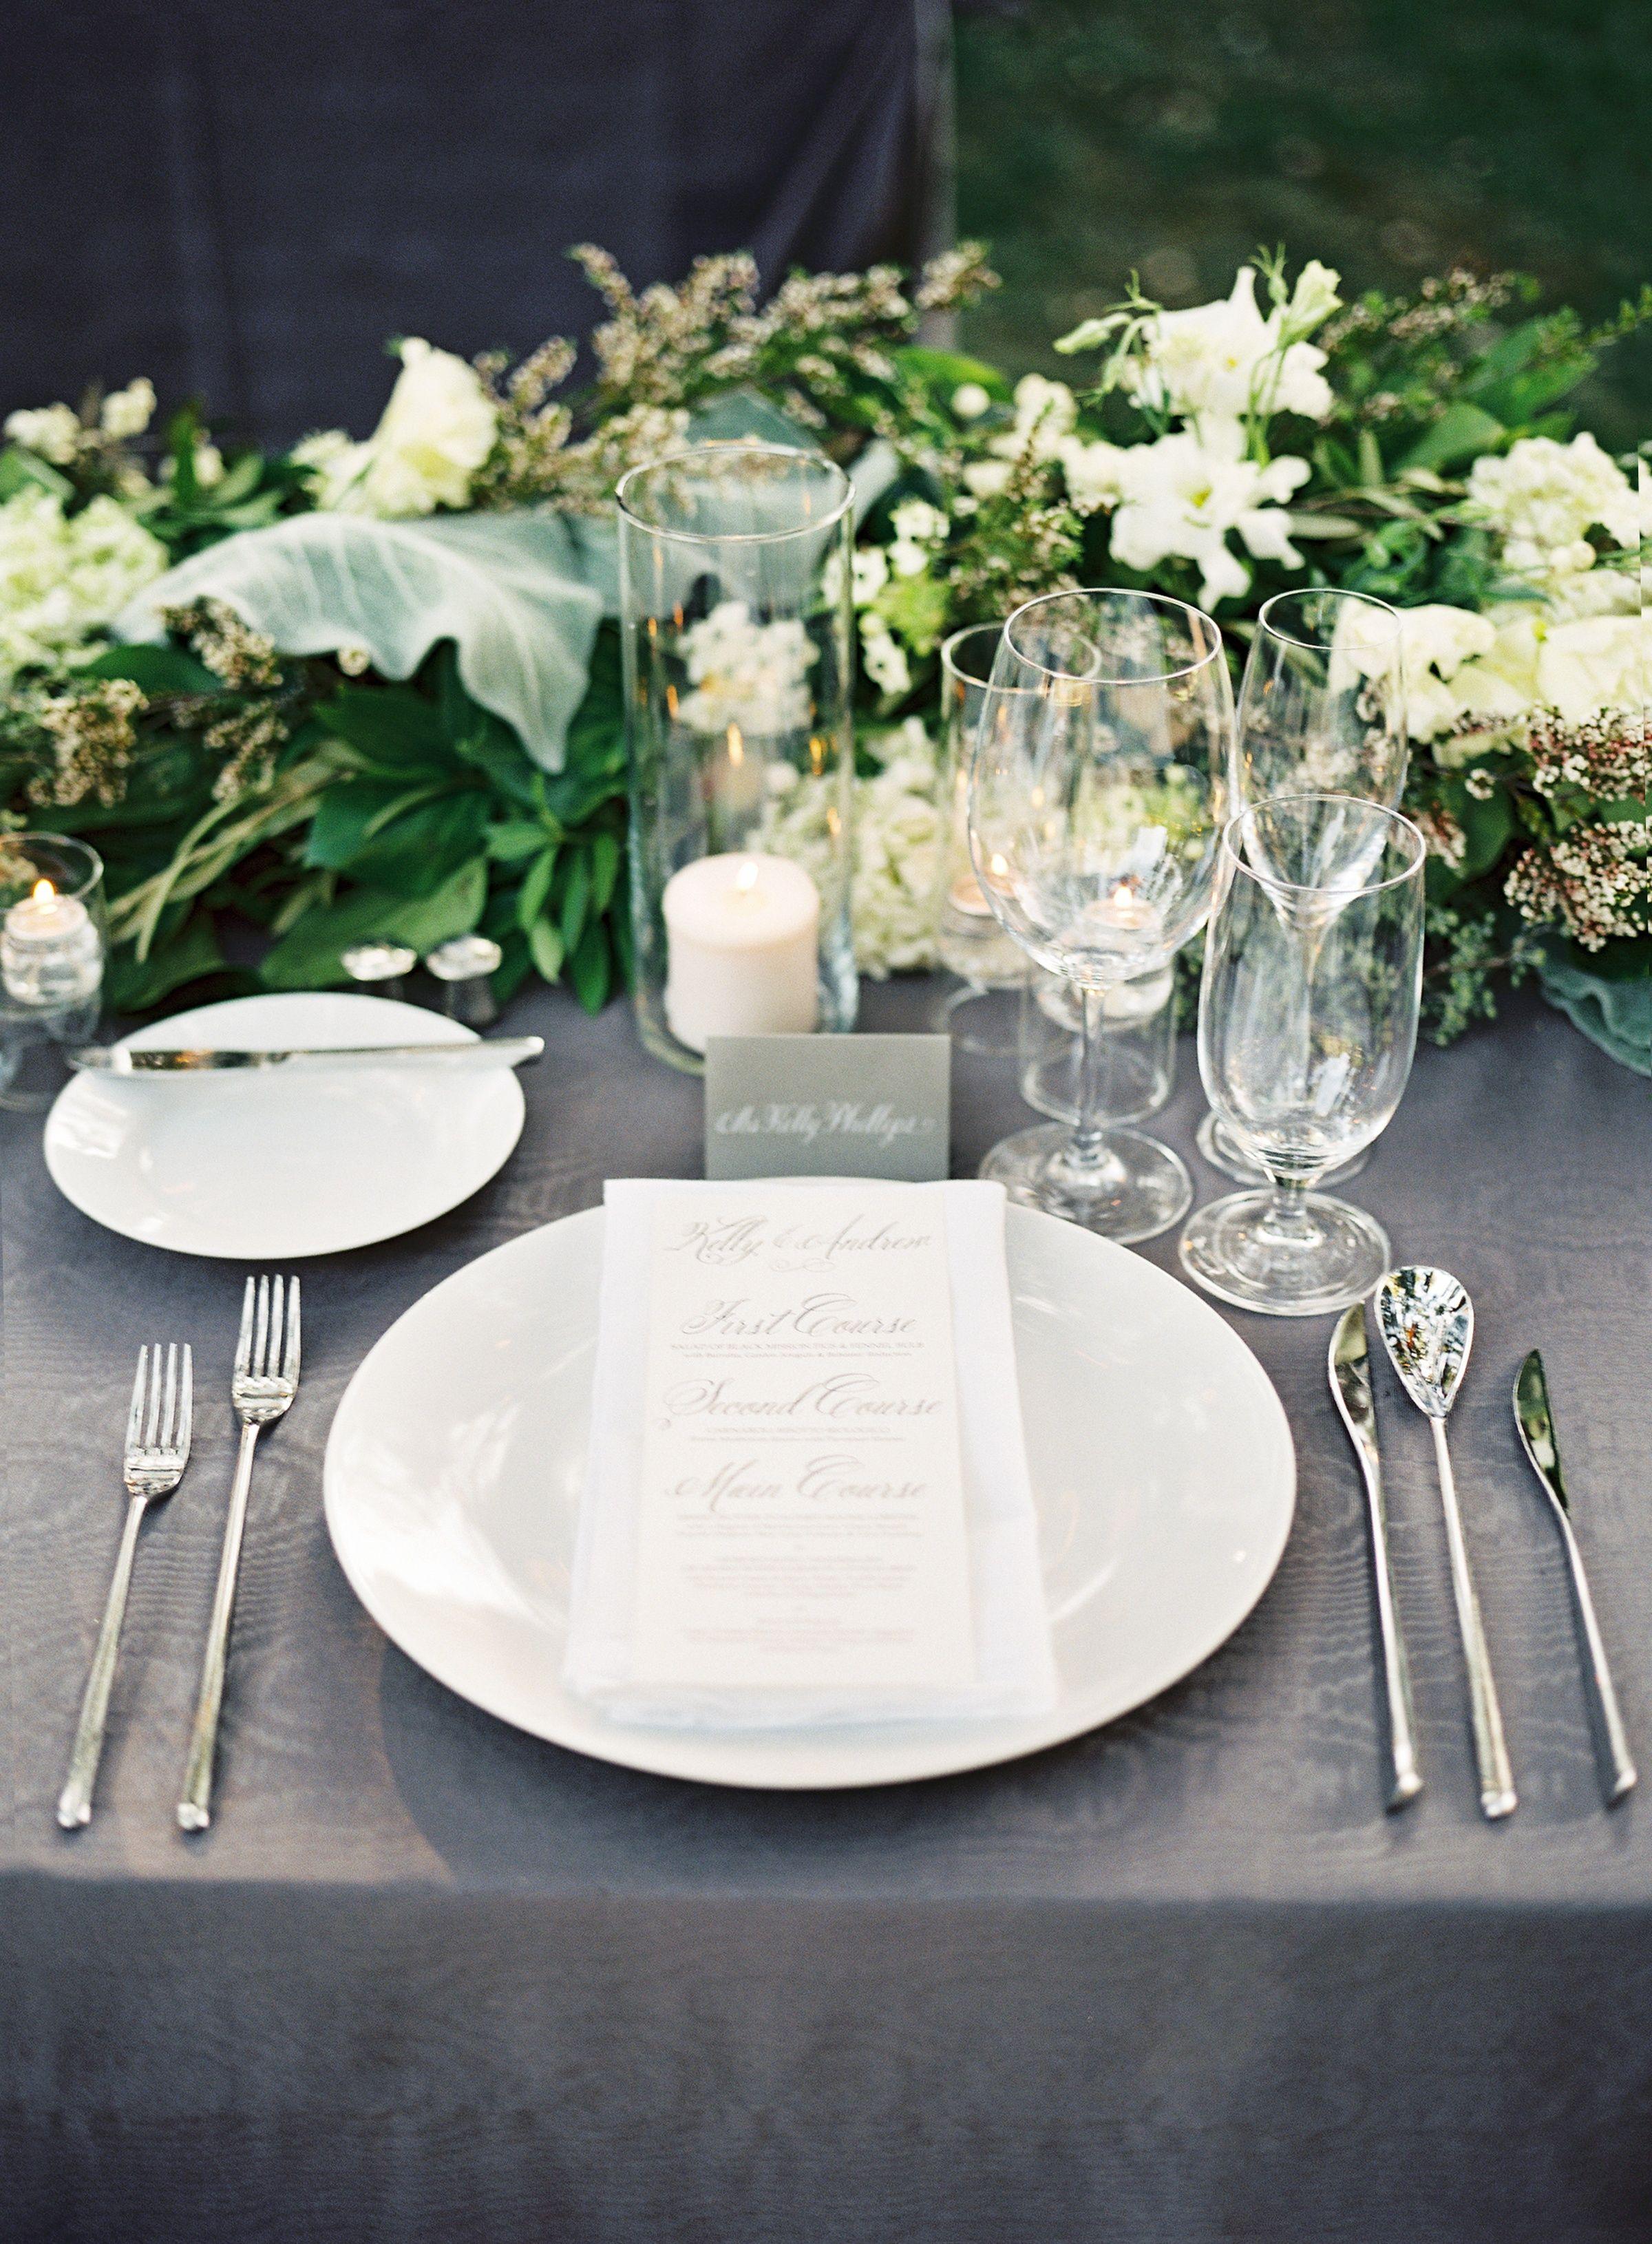 Elegant Gray and White Place Settings | Steve Steinhardt ...